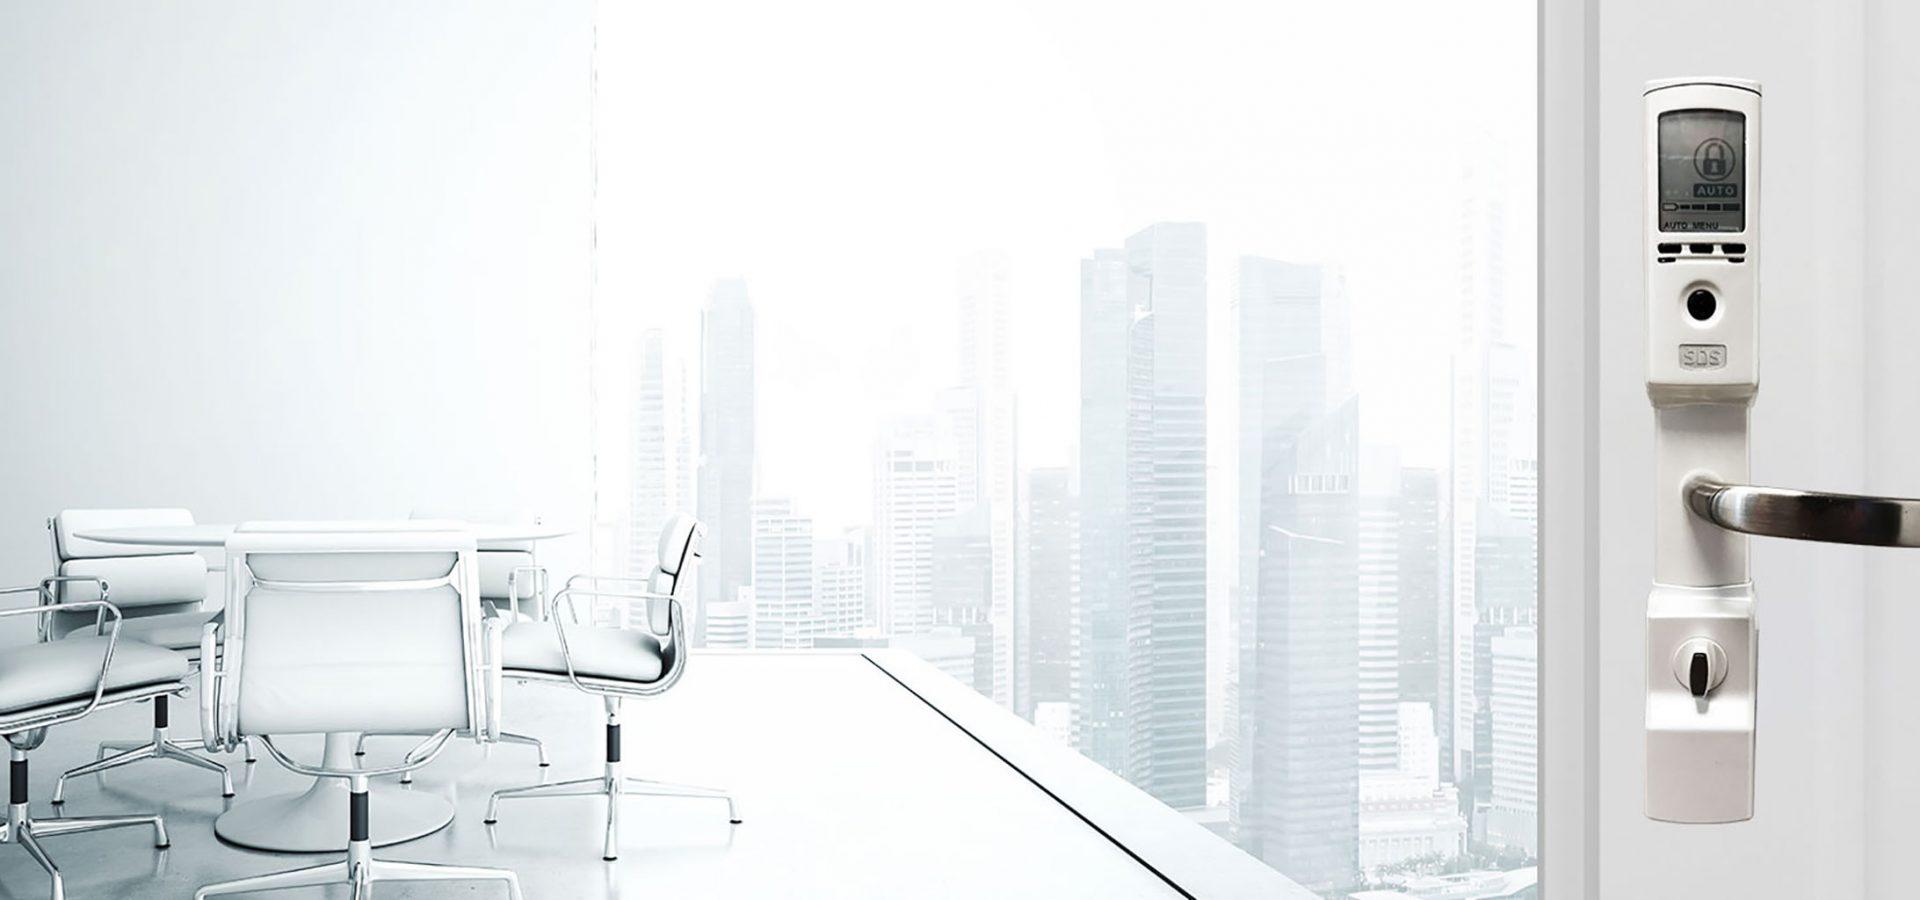 מנעול דיגיטלי חכם למשרדים